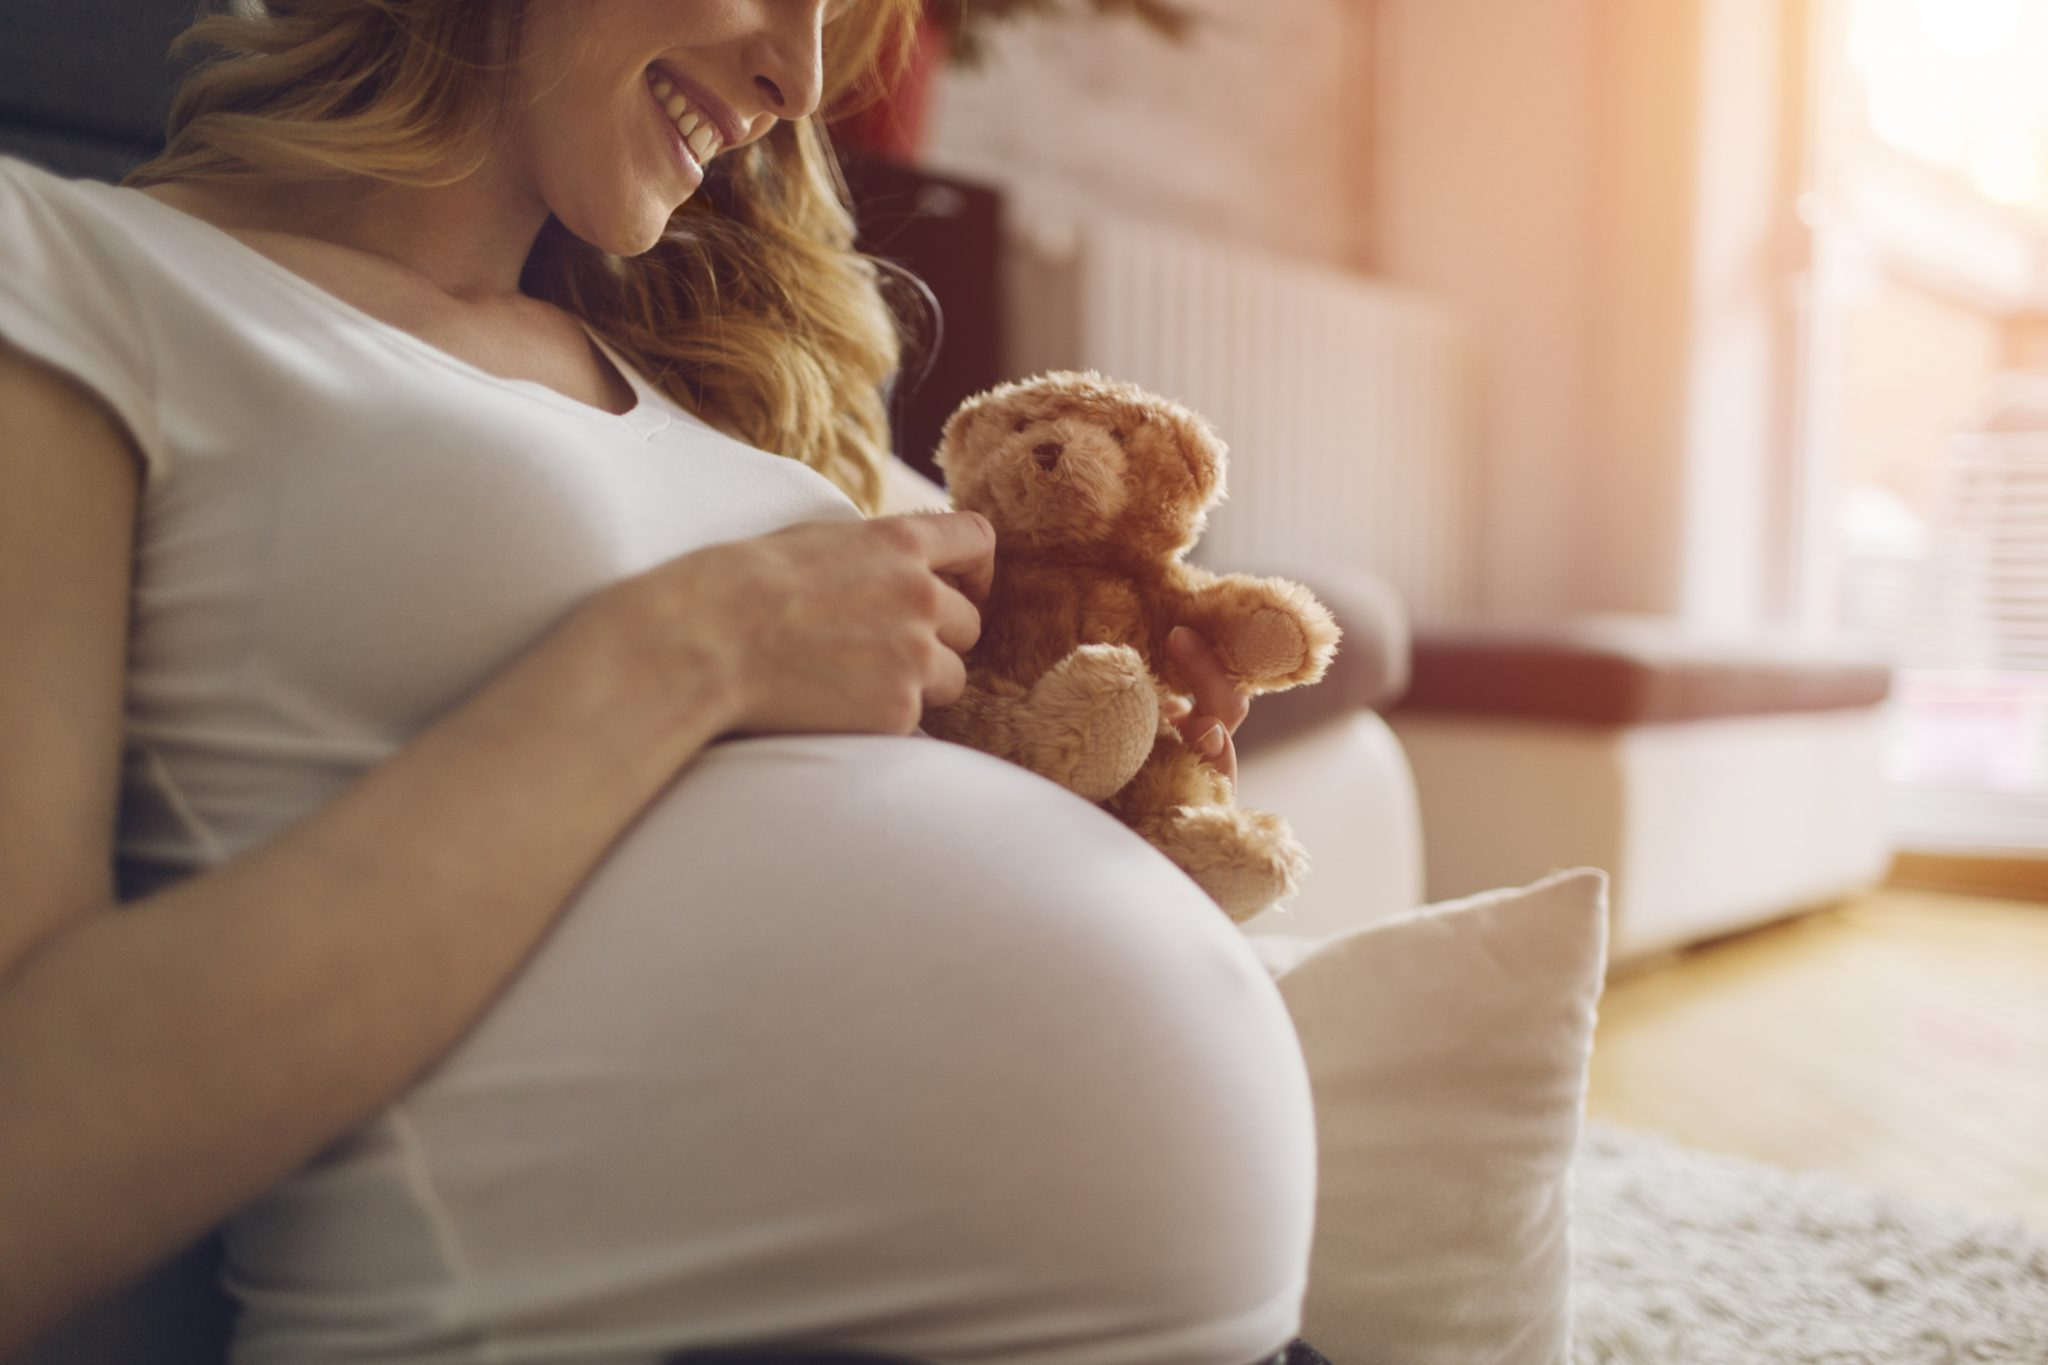 Mère porteuse Grèce: les exigences vers les mères porteuses candidates